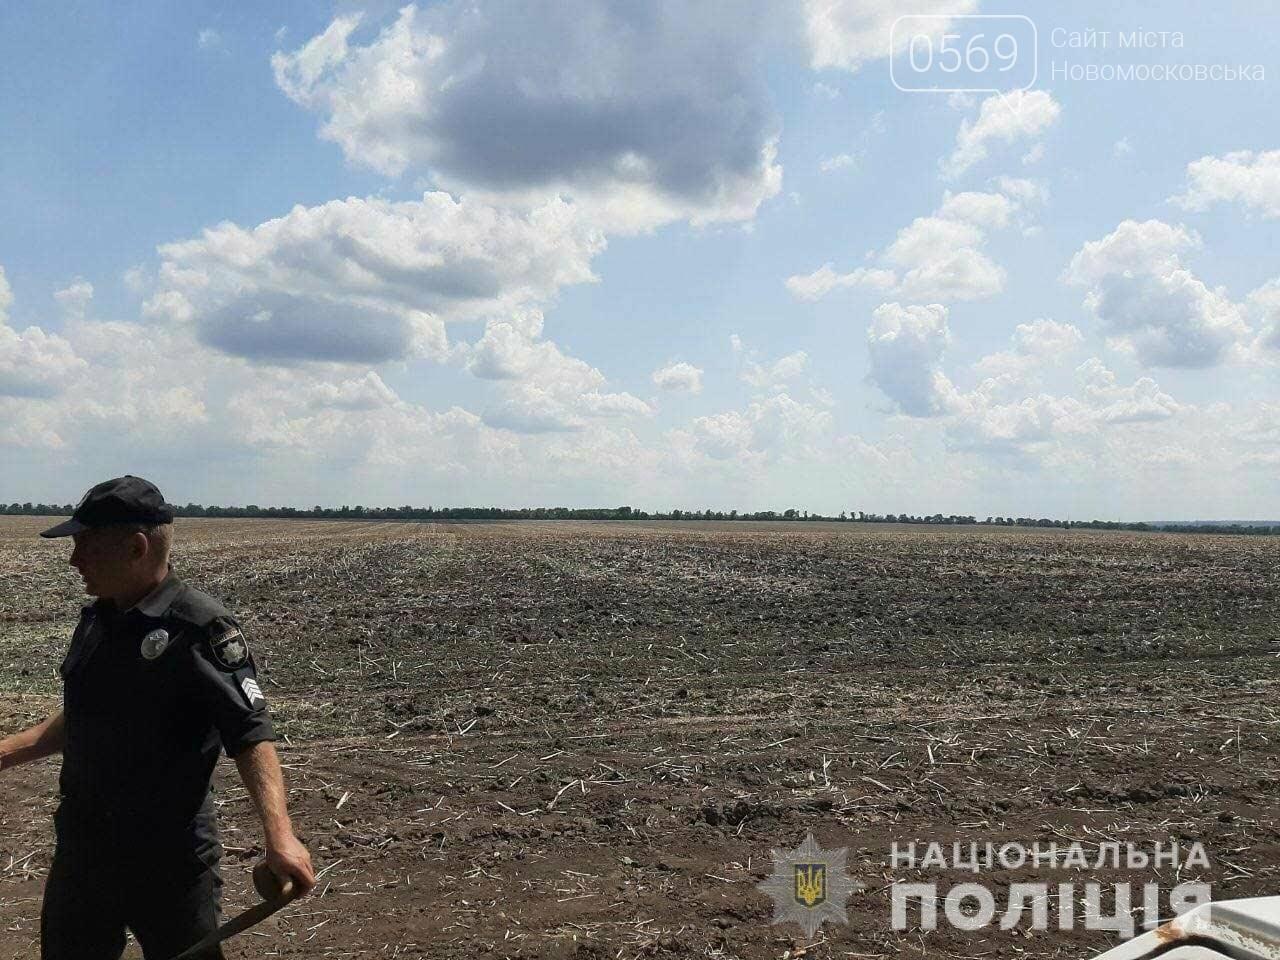 Новомосковські правоохоронці затримали підозрюваного у вбивстві 19-ти річної дівчини, фото-1